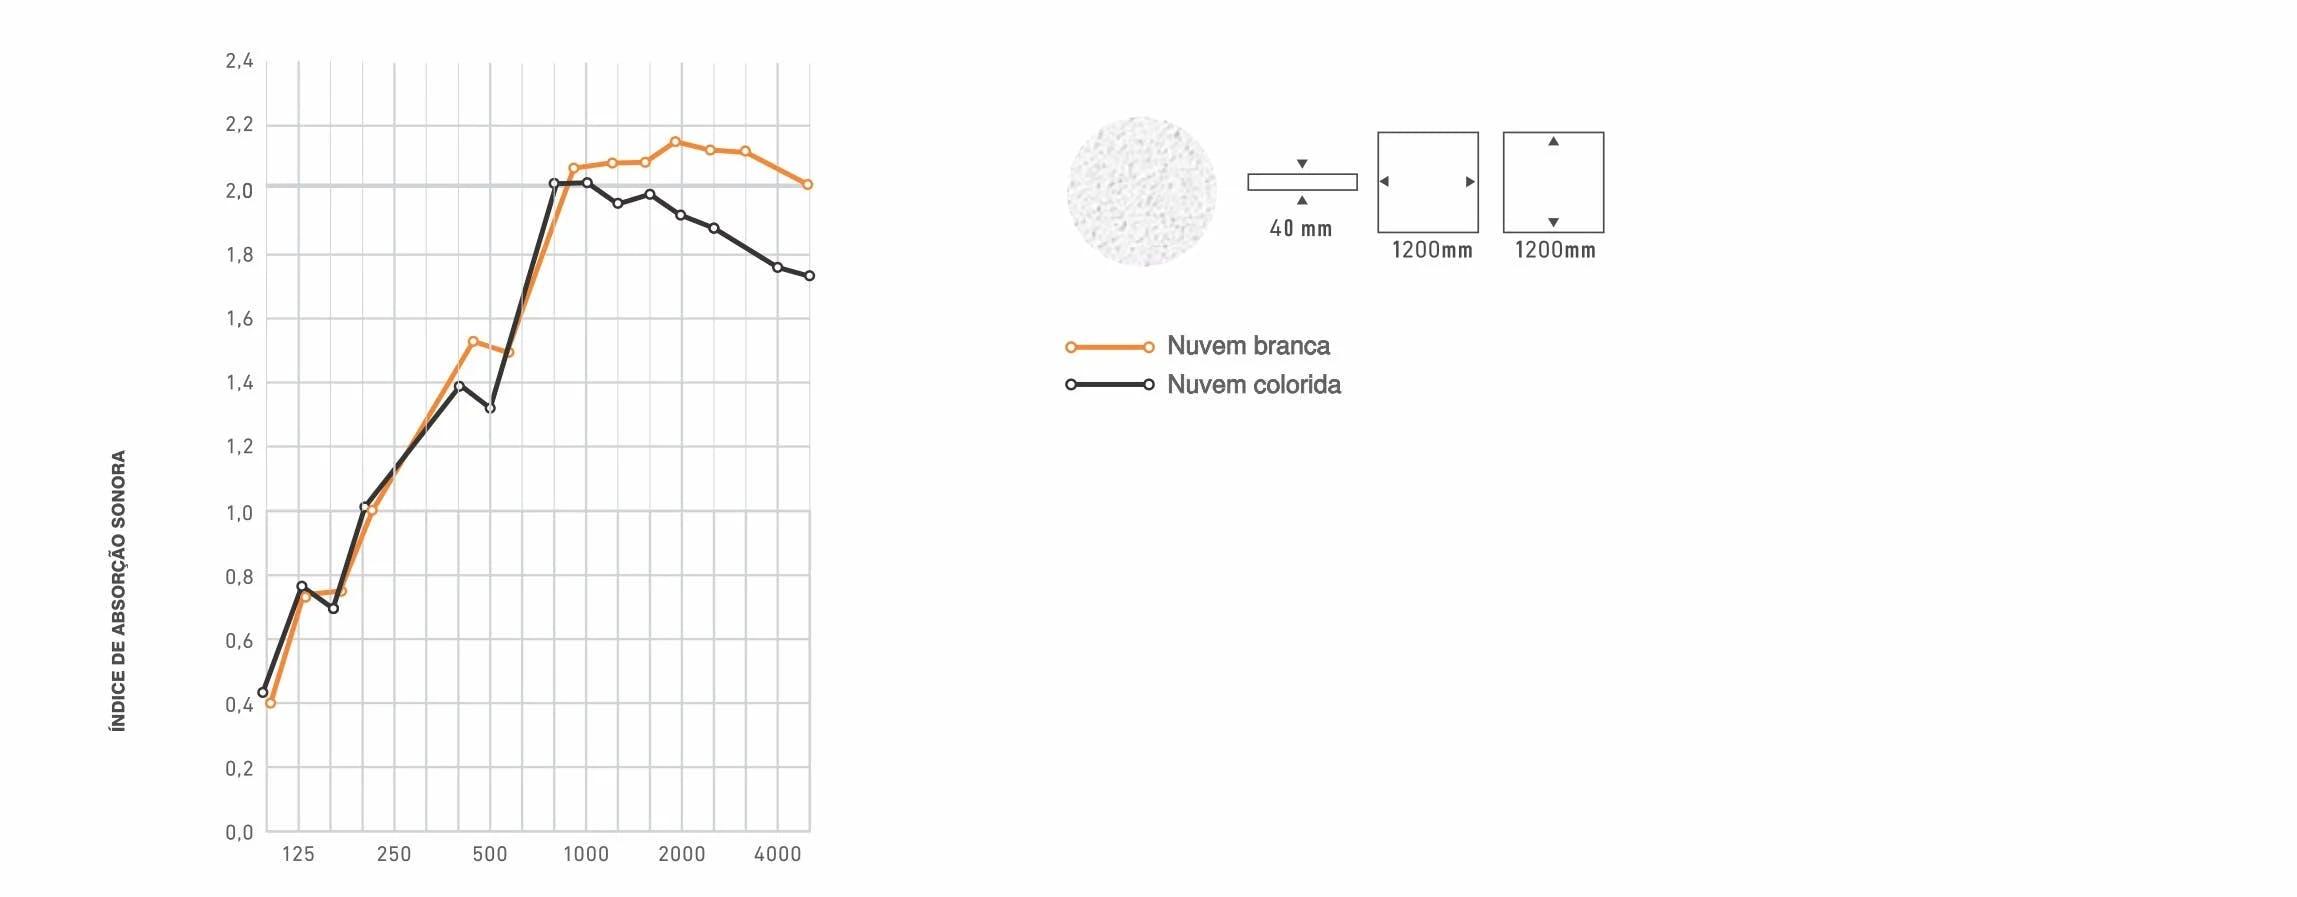 Gráfico de absorção sonora